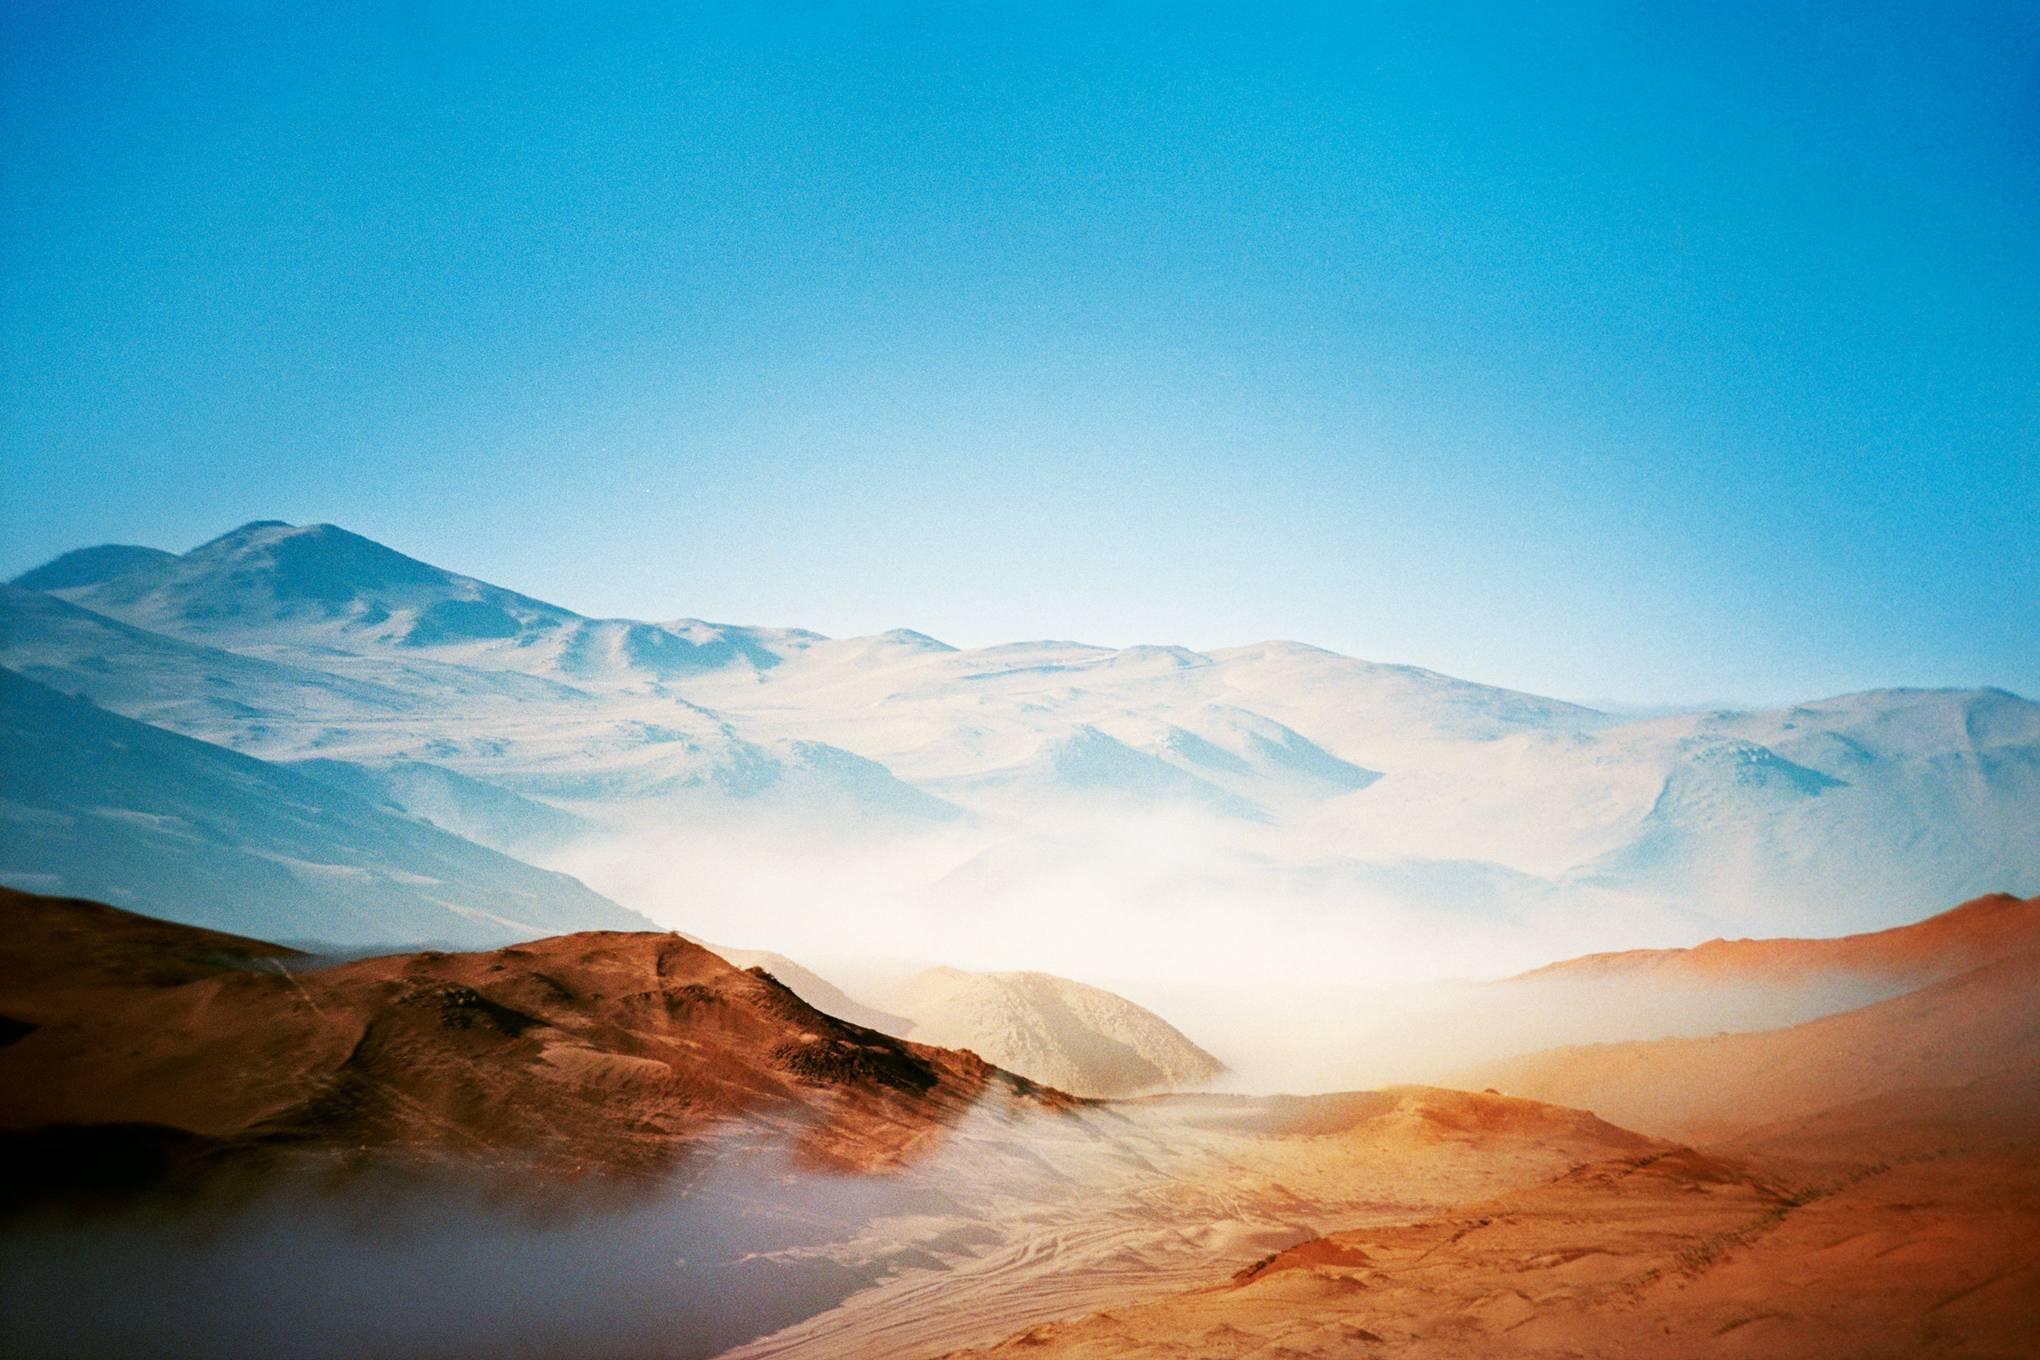 A solo road trip through the Atacama Desert